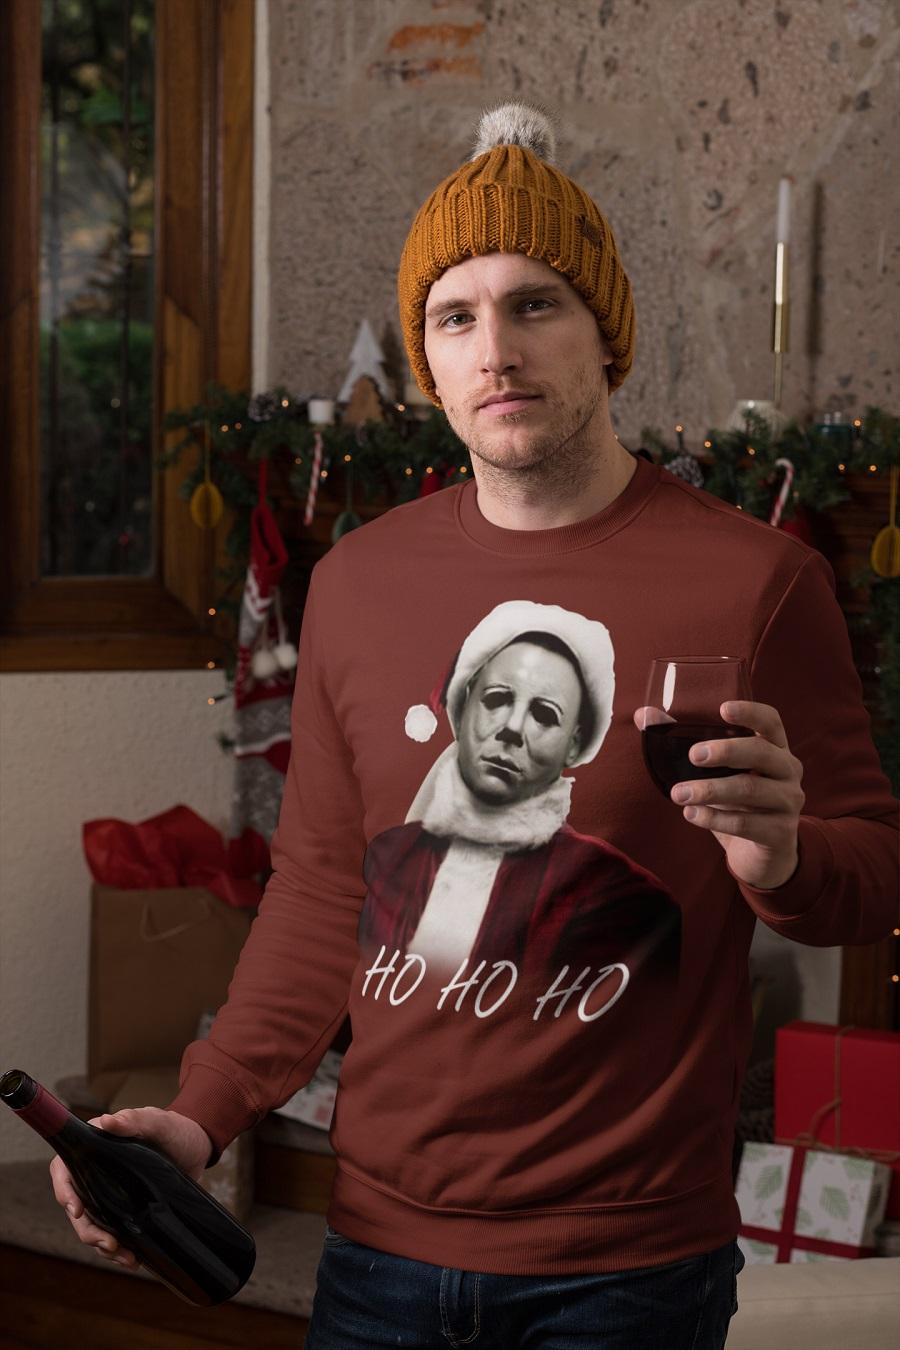 Christmas Michael Myers Santa Hat HO HO HO sweater